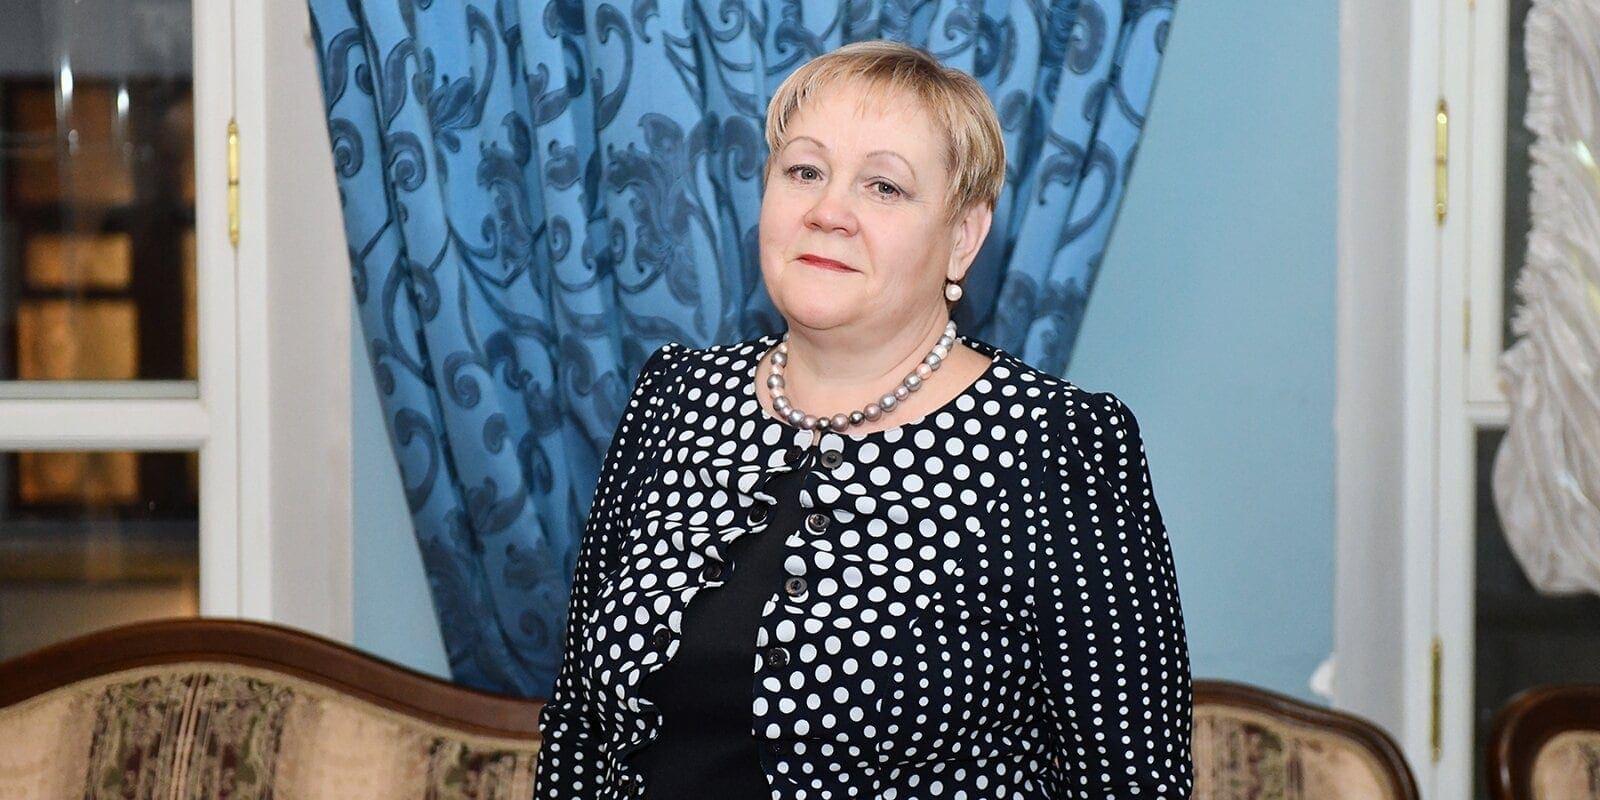 Марина Гвоздева. Фото - Ю. Иванко